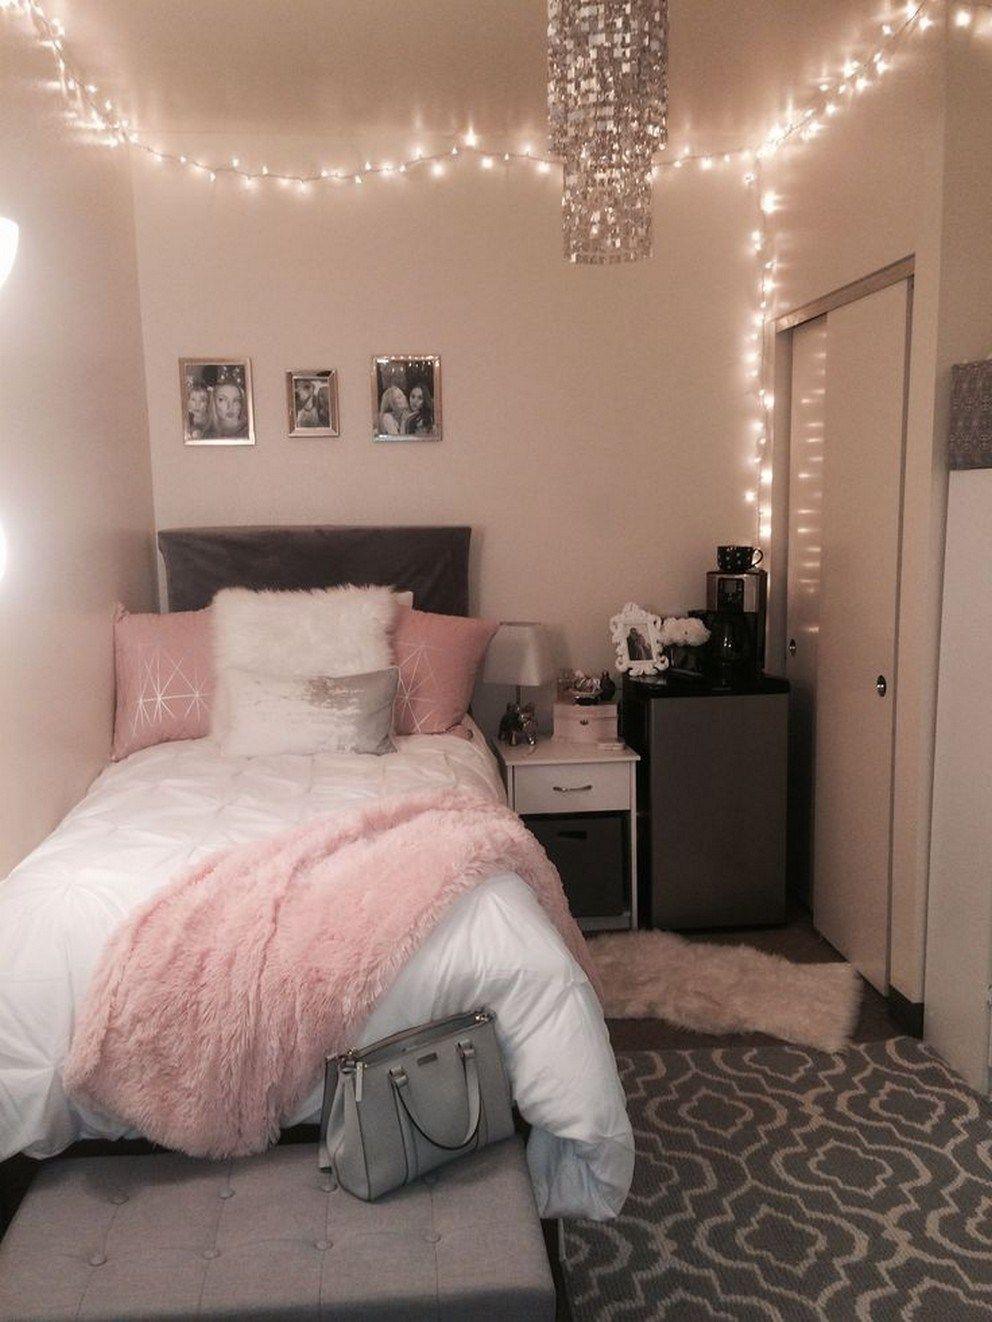 Home Designs Bedroom Interior Decor Small